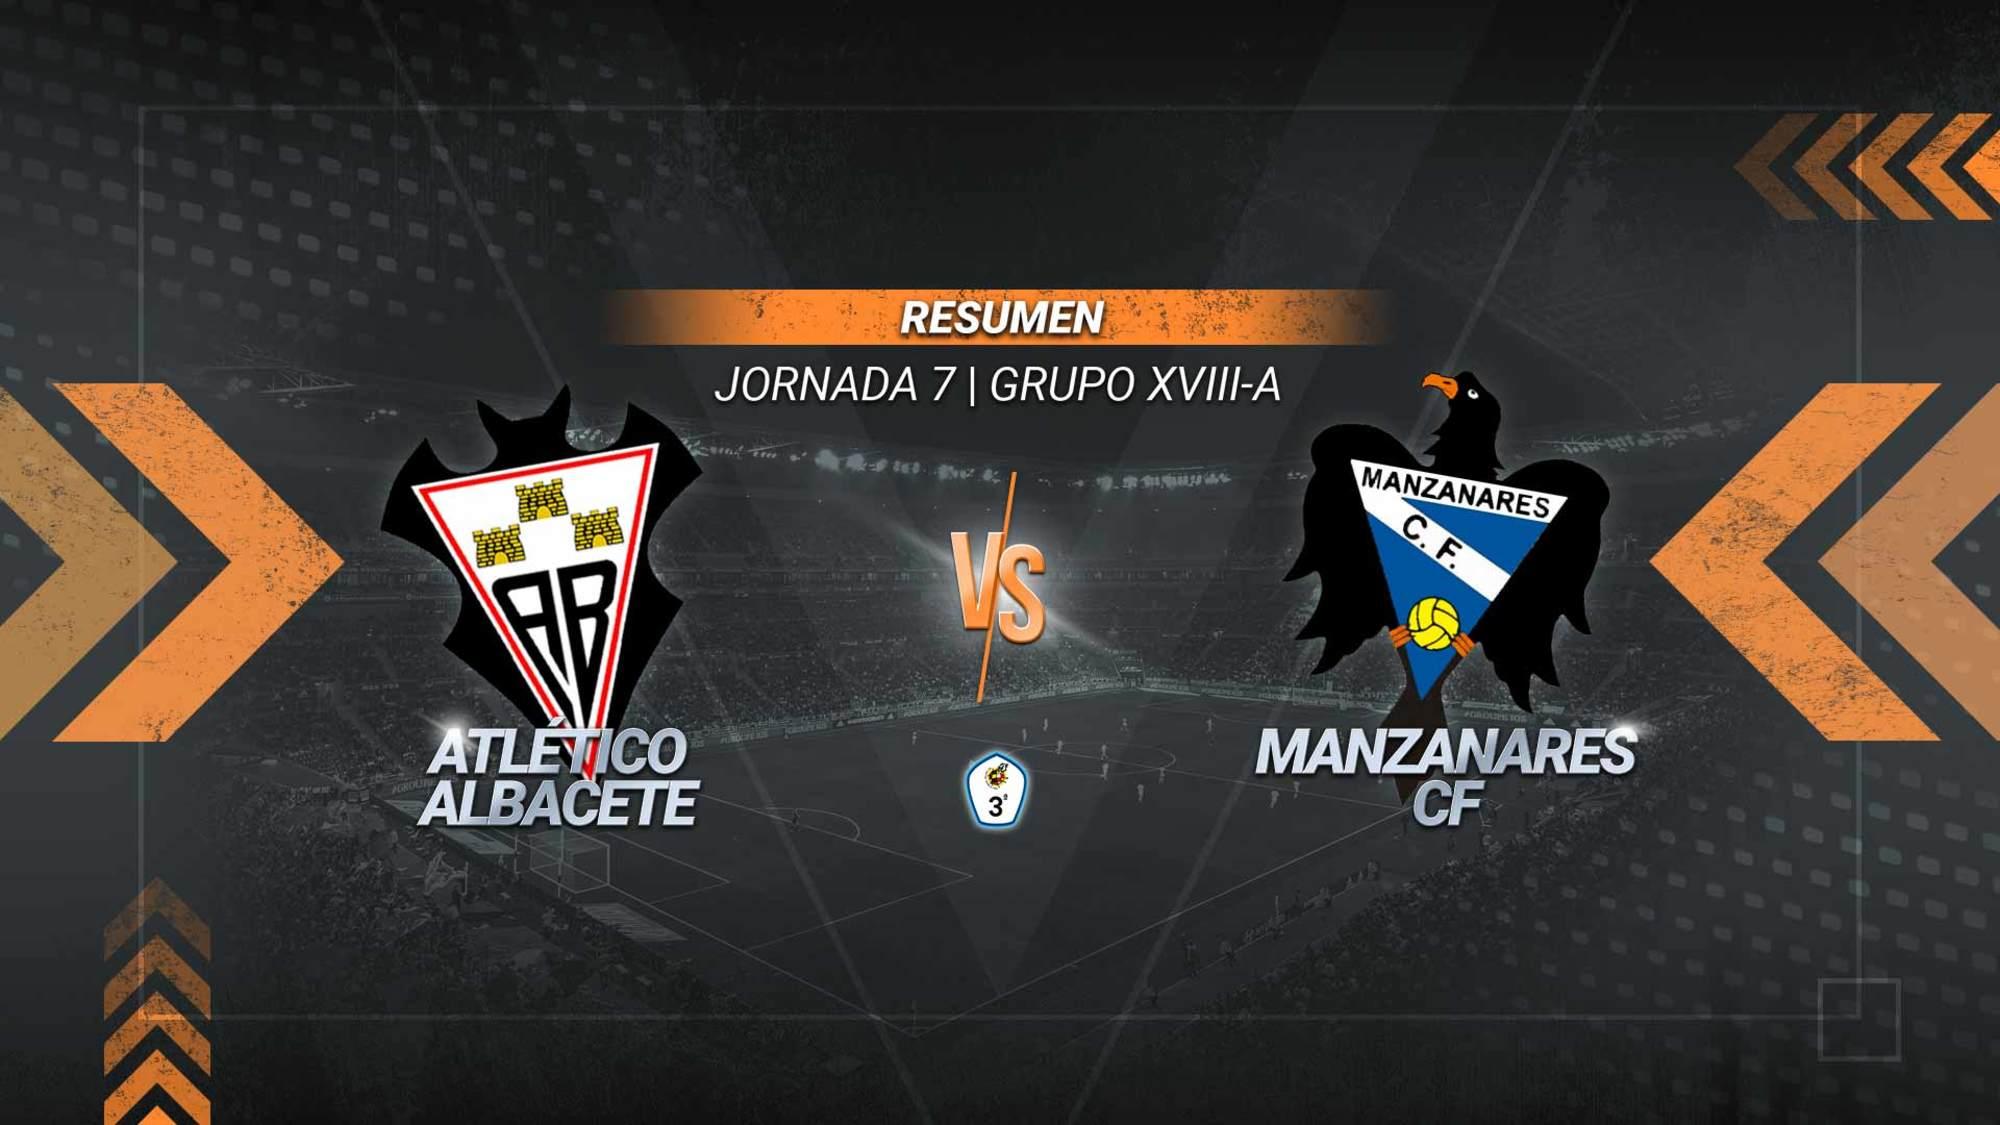 Dos goles en dos minutos permiten al Atlético Albacete sumar su cuarta victoria de la temporada. El filial albaceteño se coloca segundo de forma provisional, mientras que el Manzanares continúa como colista y sigue sin ganar.